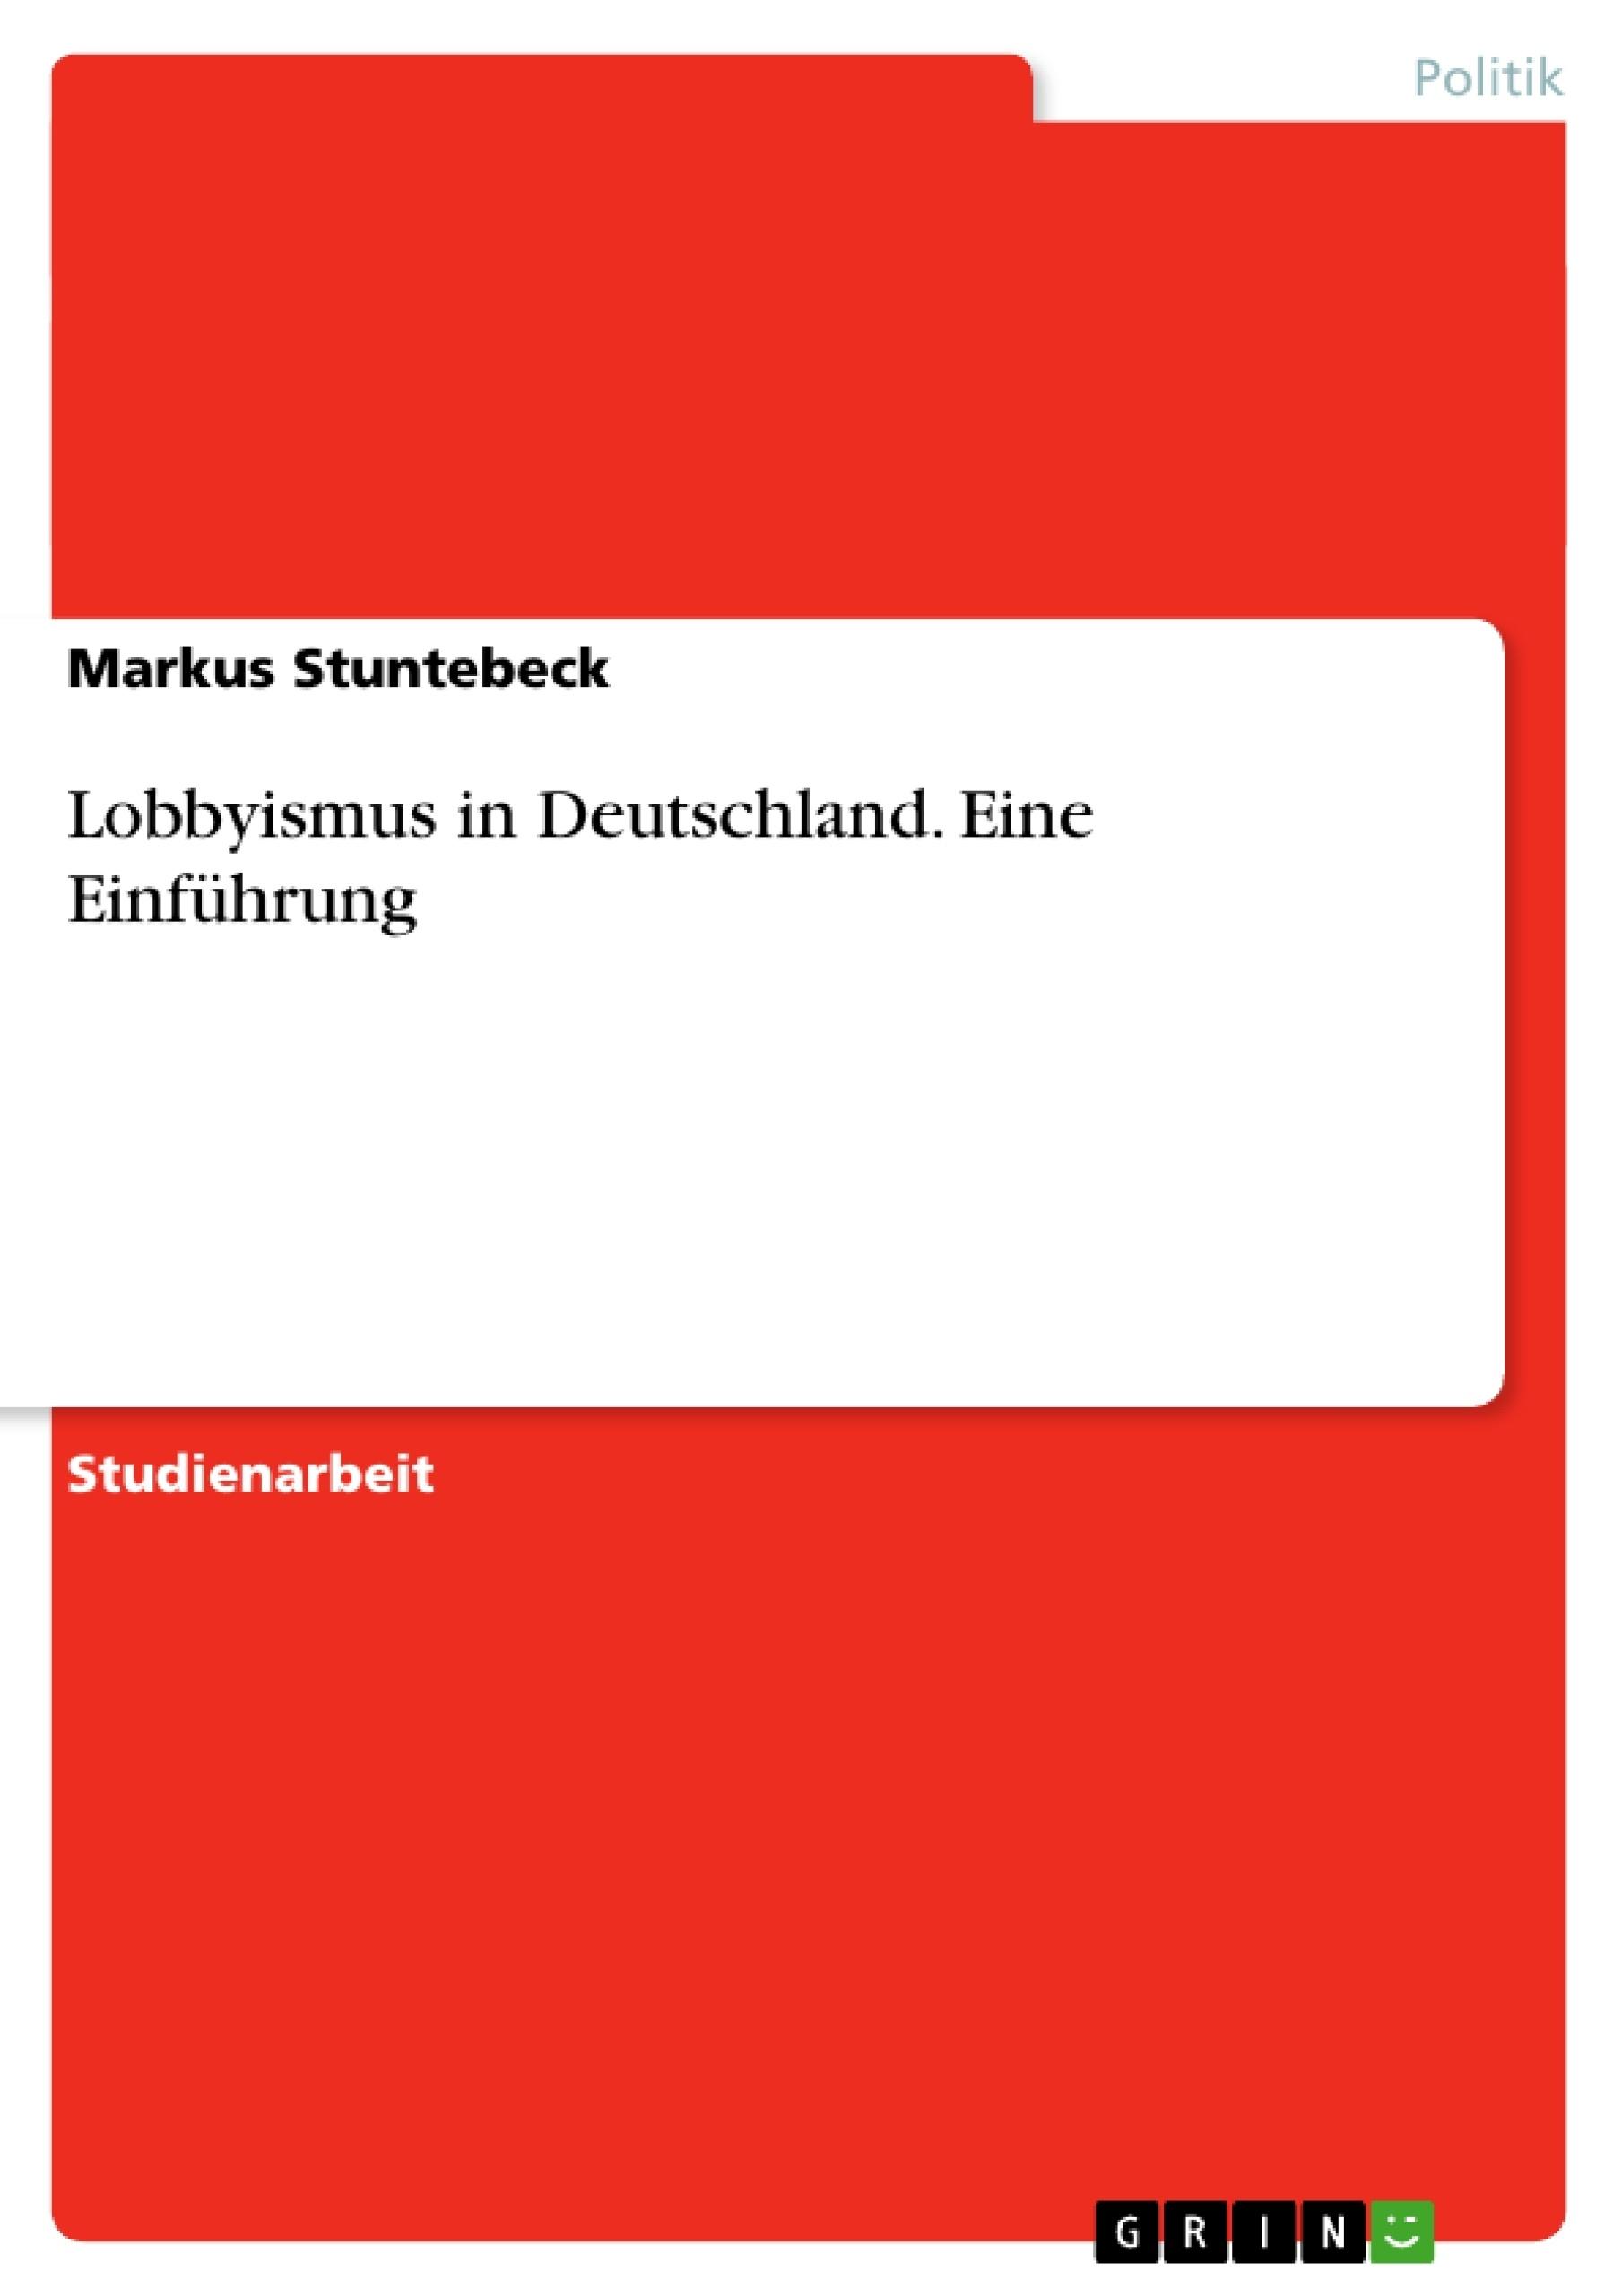 Titel: Lobbyismus in Deutschland. Eine Einführung